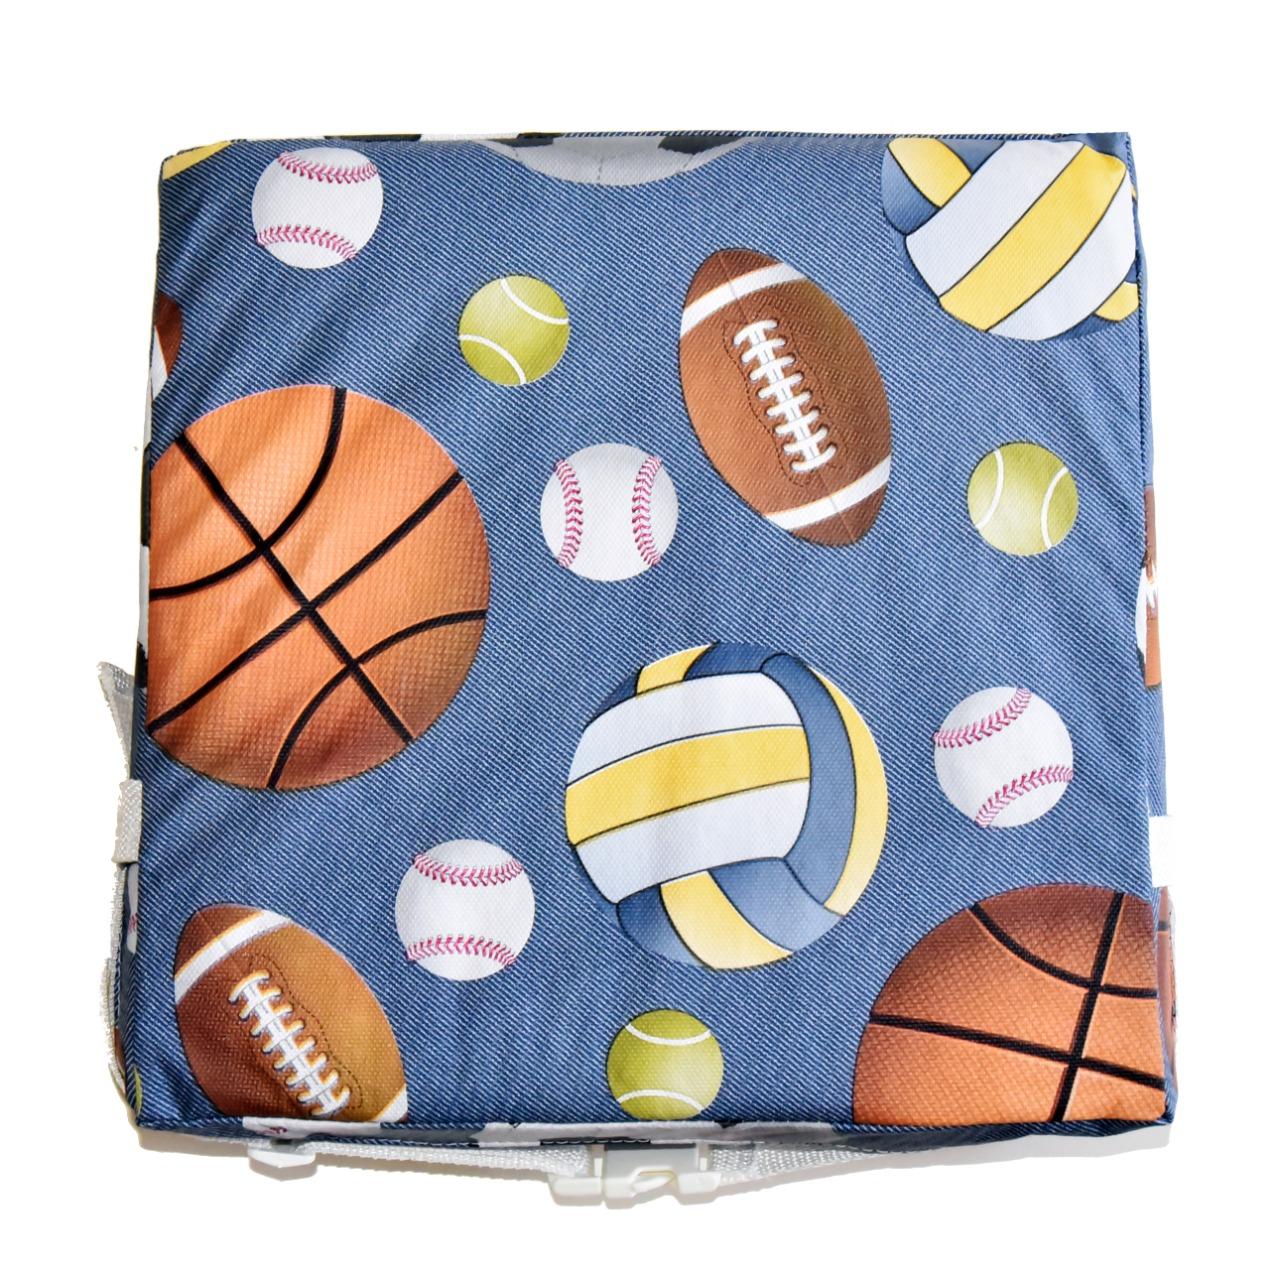 Assento Almofada de Elevação Infantil para Cadeira de Alimentação Cadeirinha de Crianças Bebês UNIVERSAL - Estampa Bolas de Esportes Futebol Basquete Tenis Beisebol Basquetebol Queimada Futsal Golfe Handebol Menina Menino